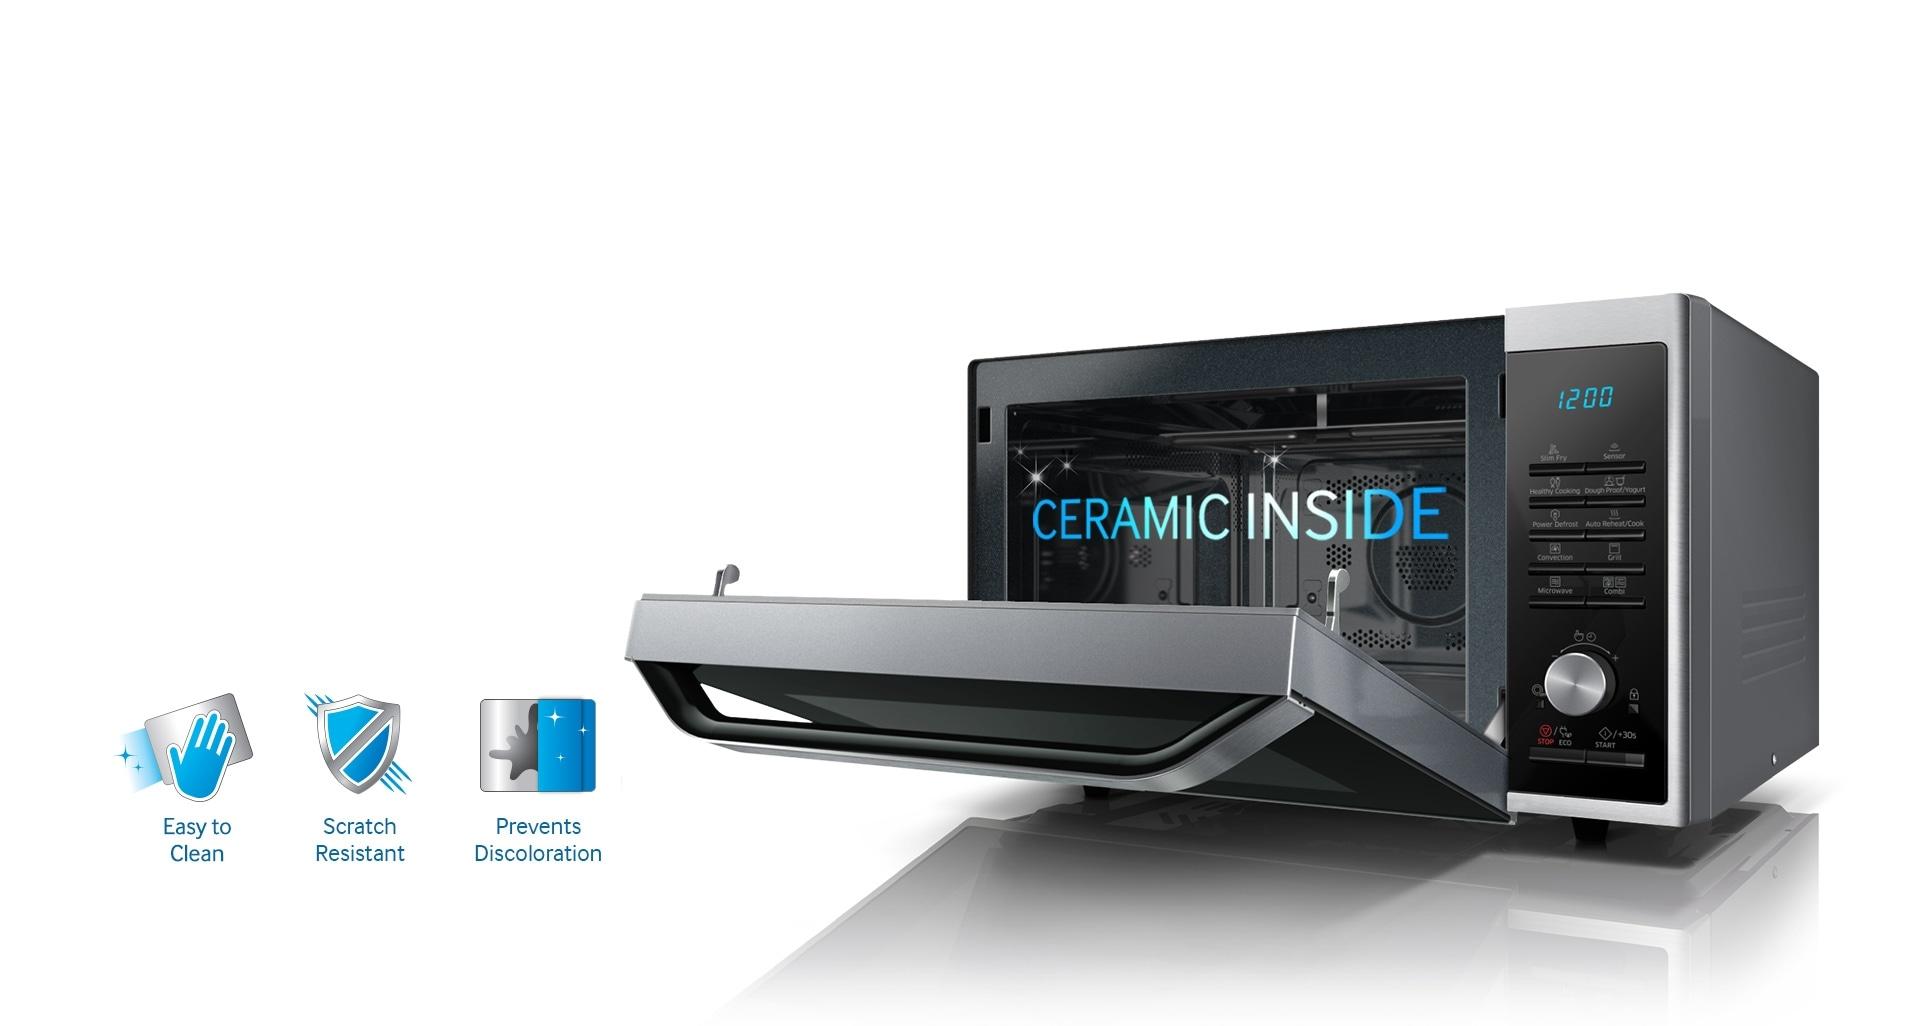 CERAMIC INSIDE™